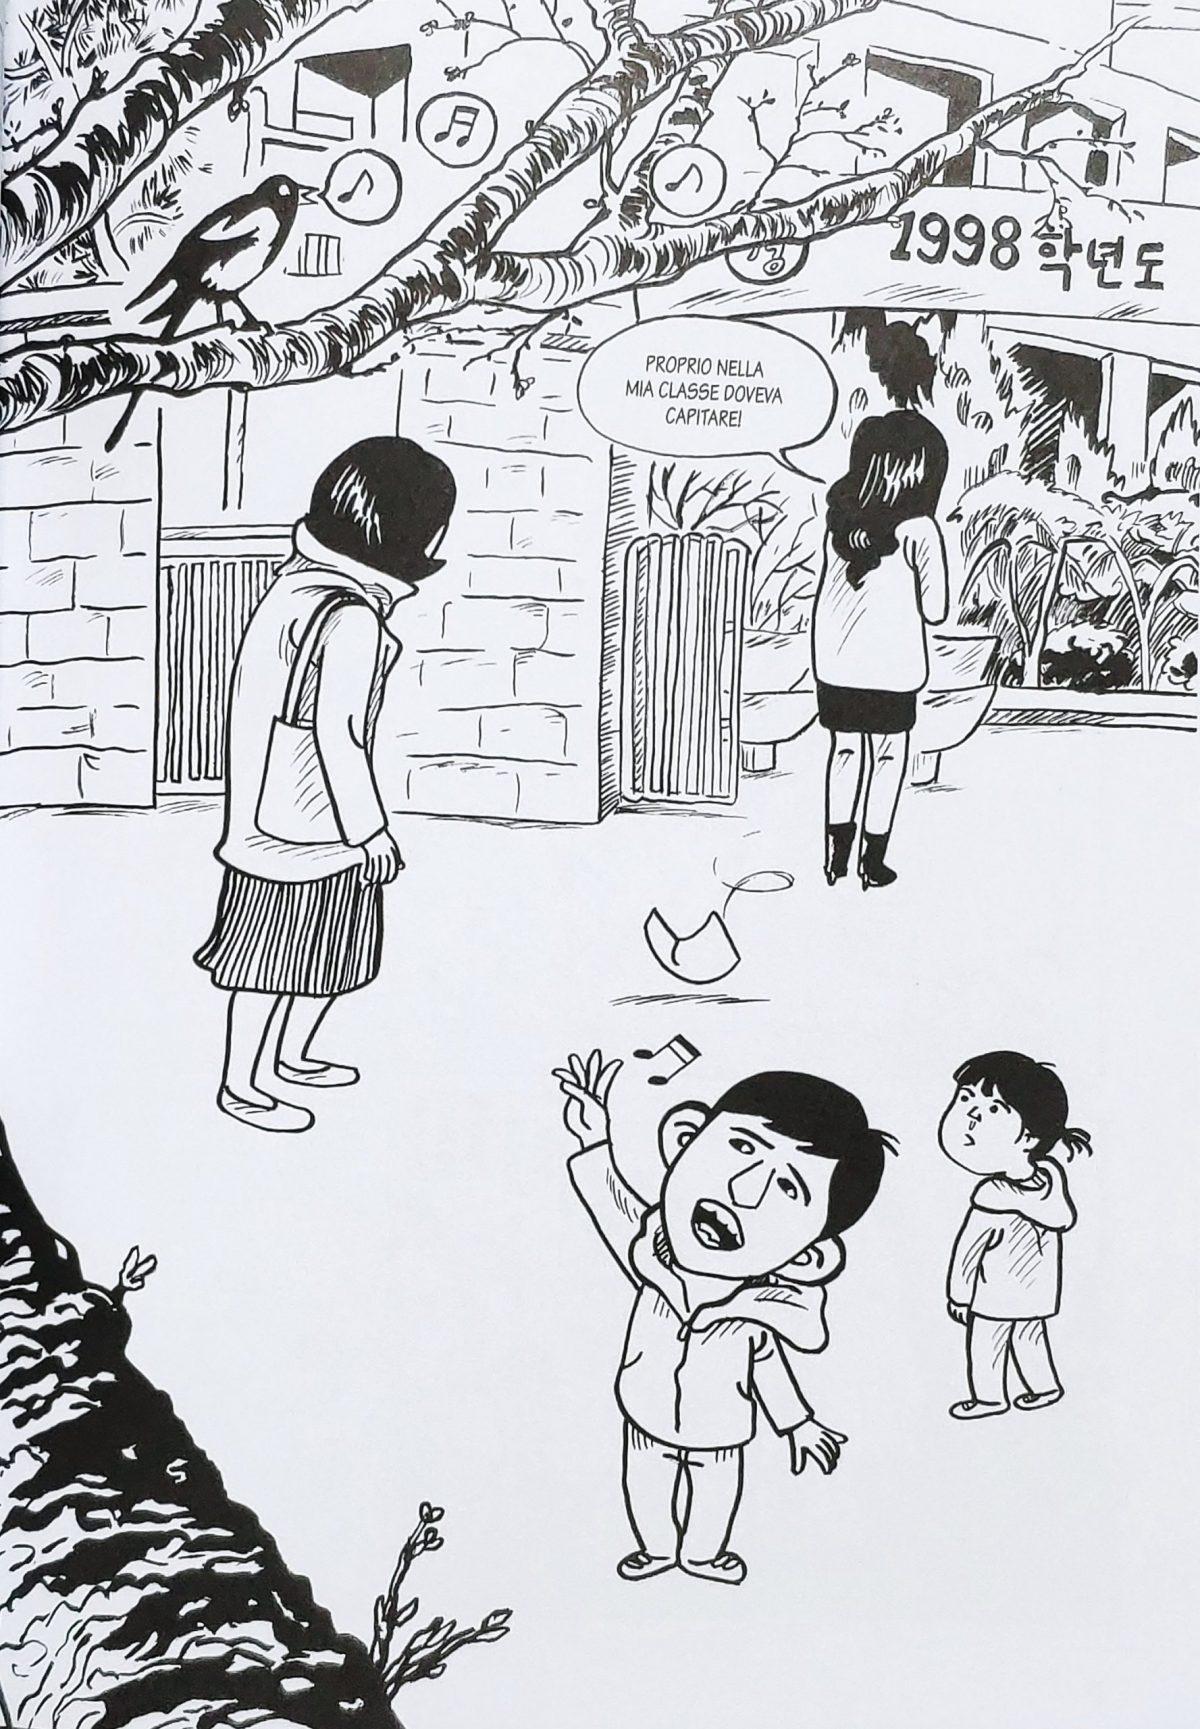 Mio caro fumetto... - Discriminazione a scuola